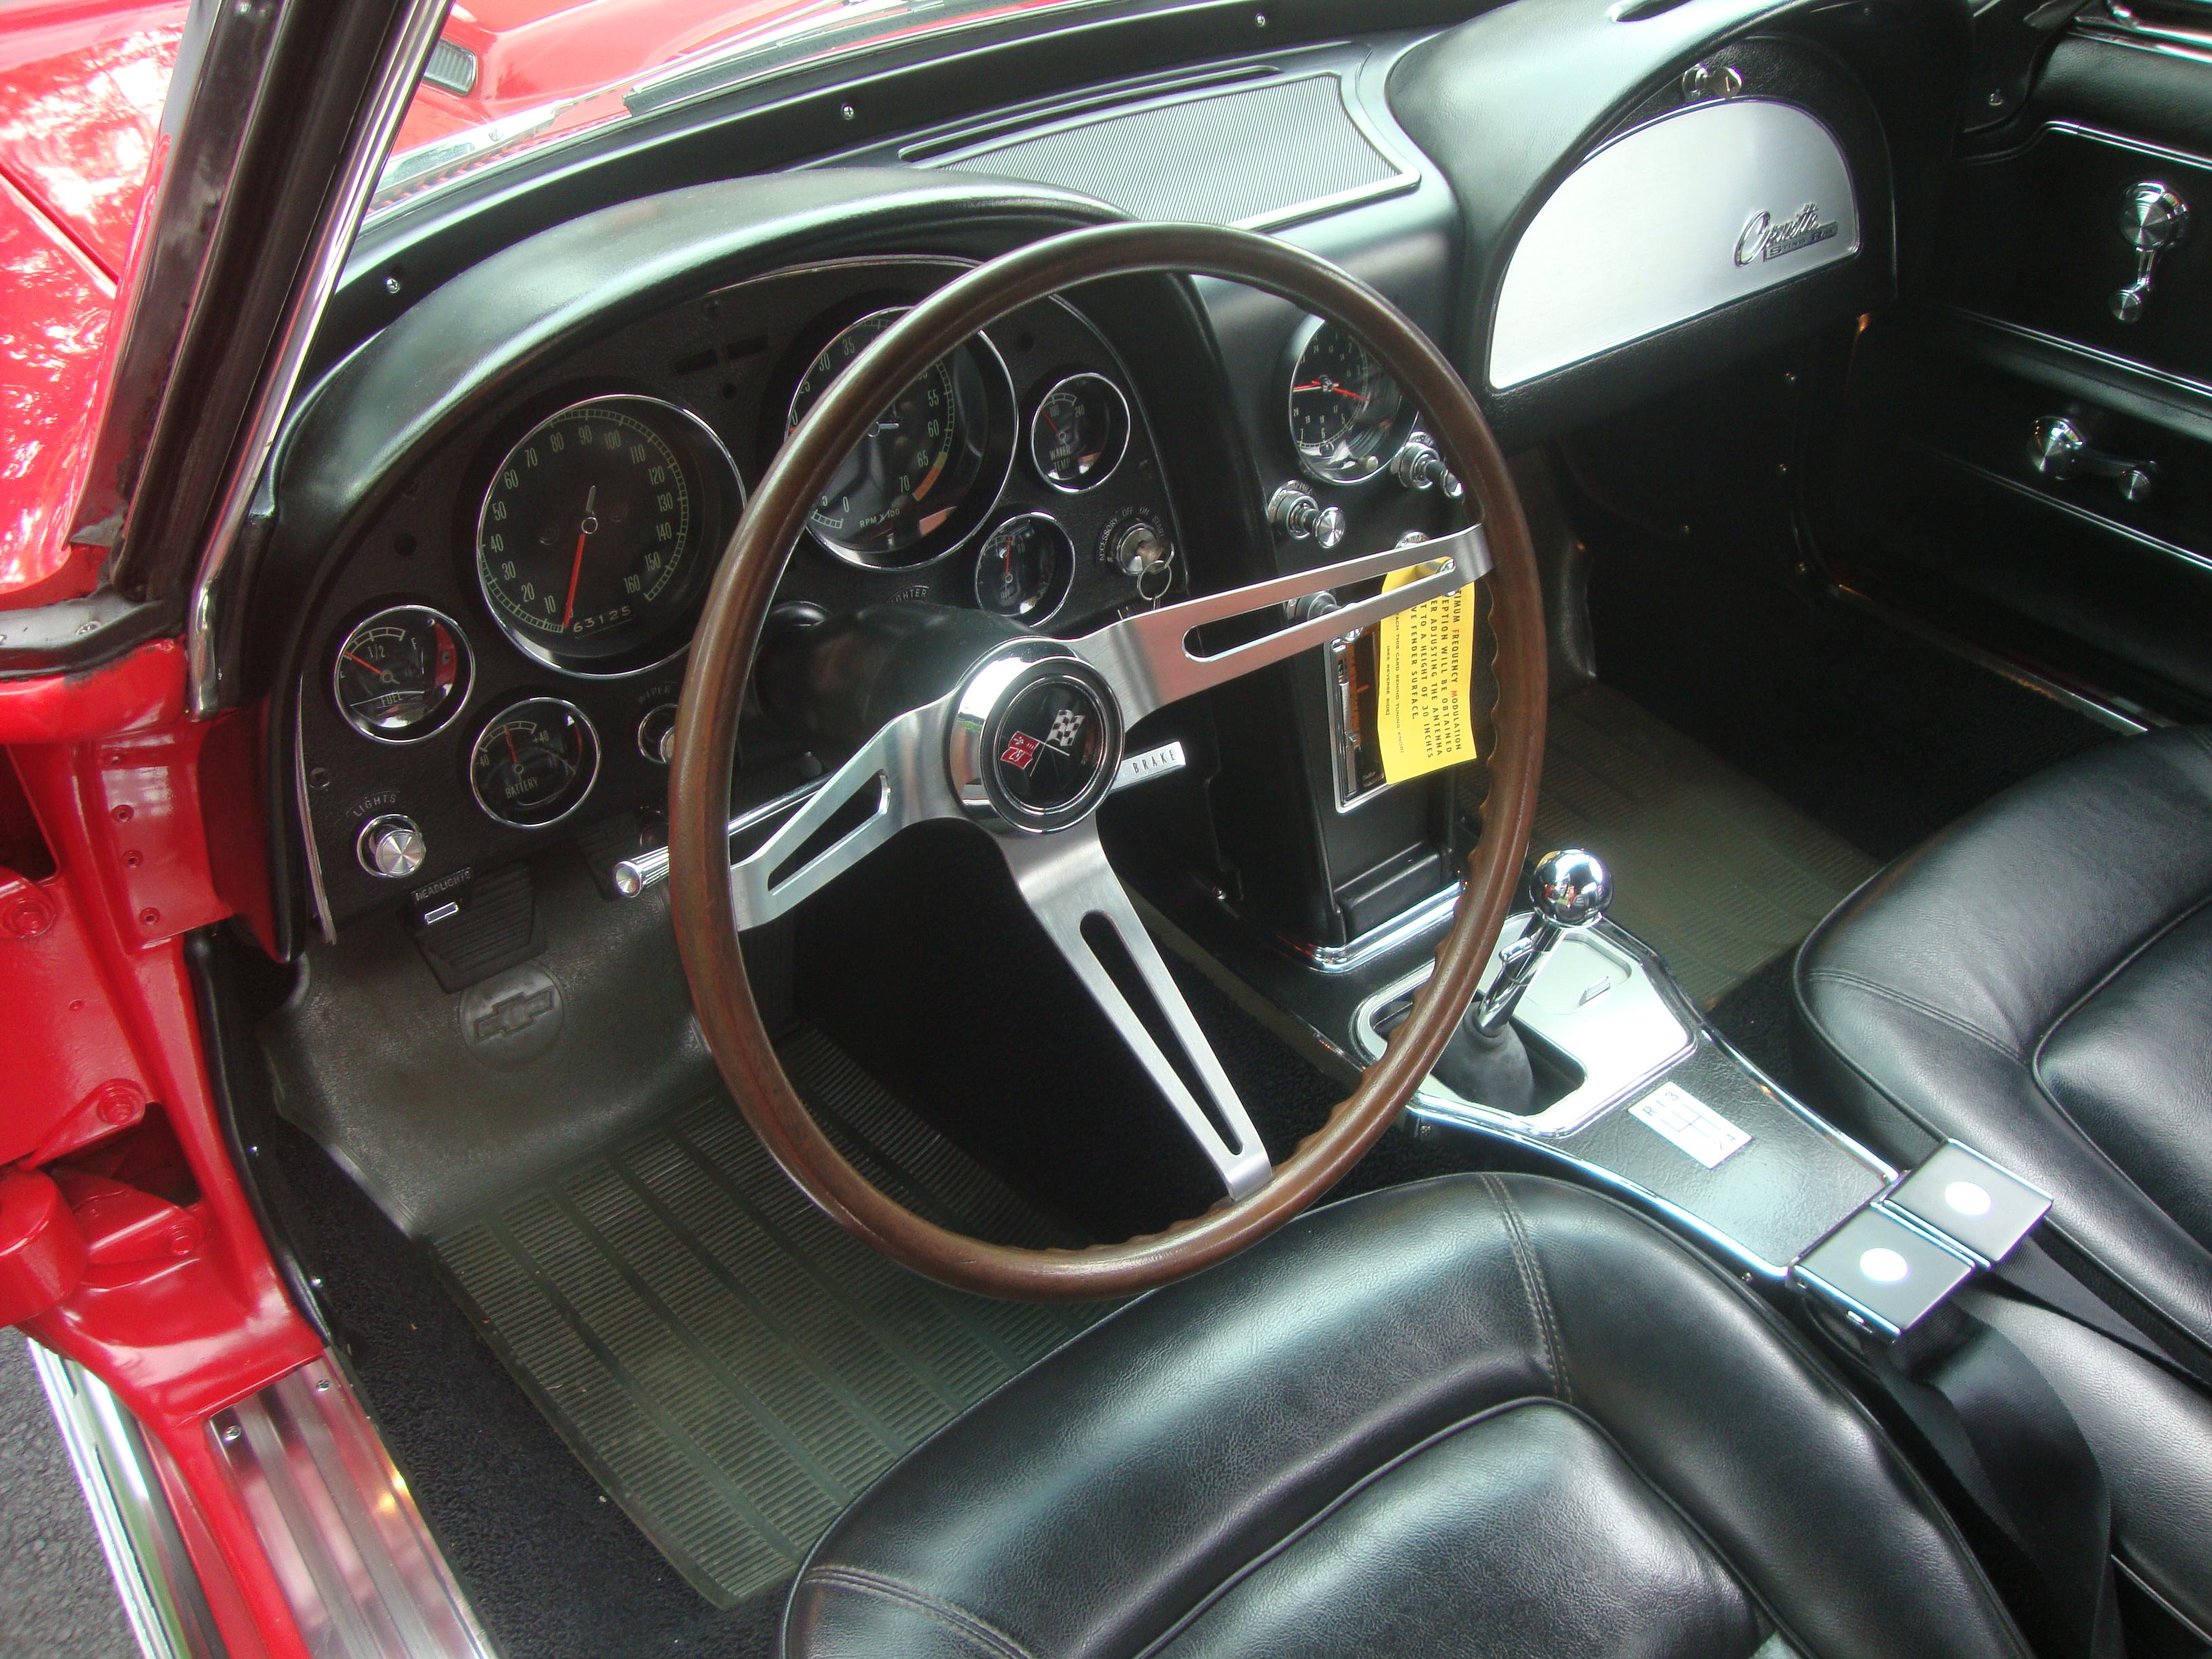 1965 Corvette Convertible 396 425hp Sinor Prestige Automobiles